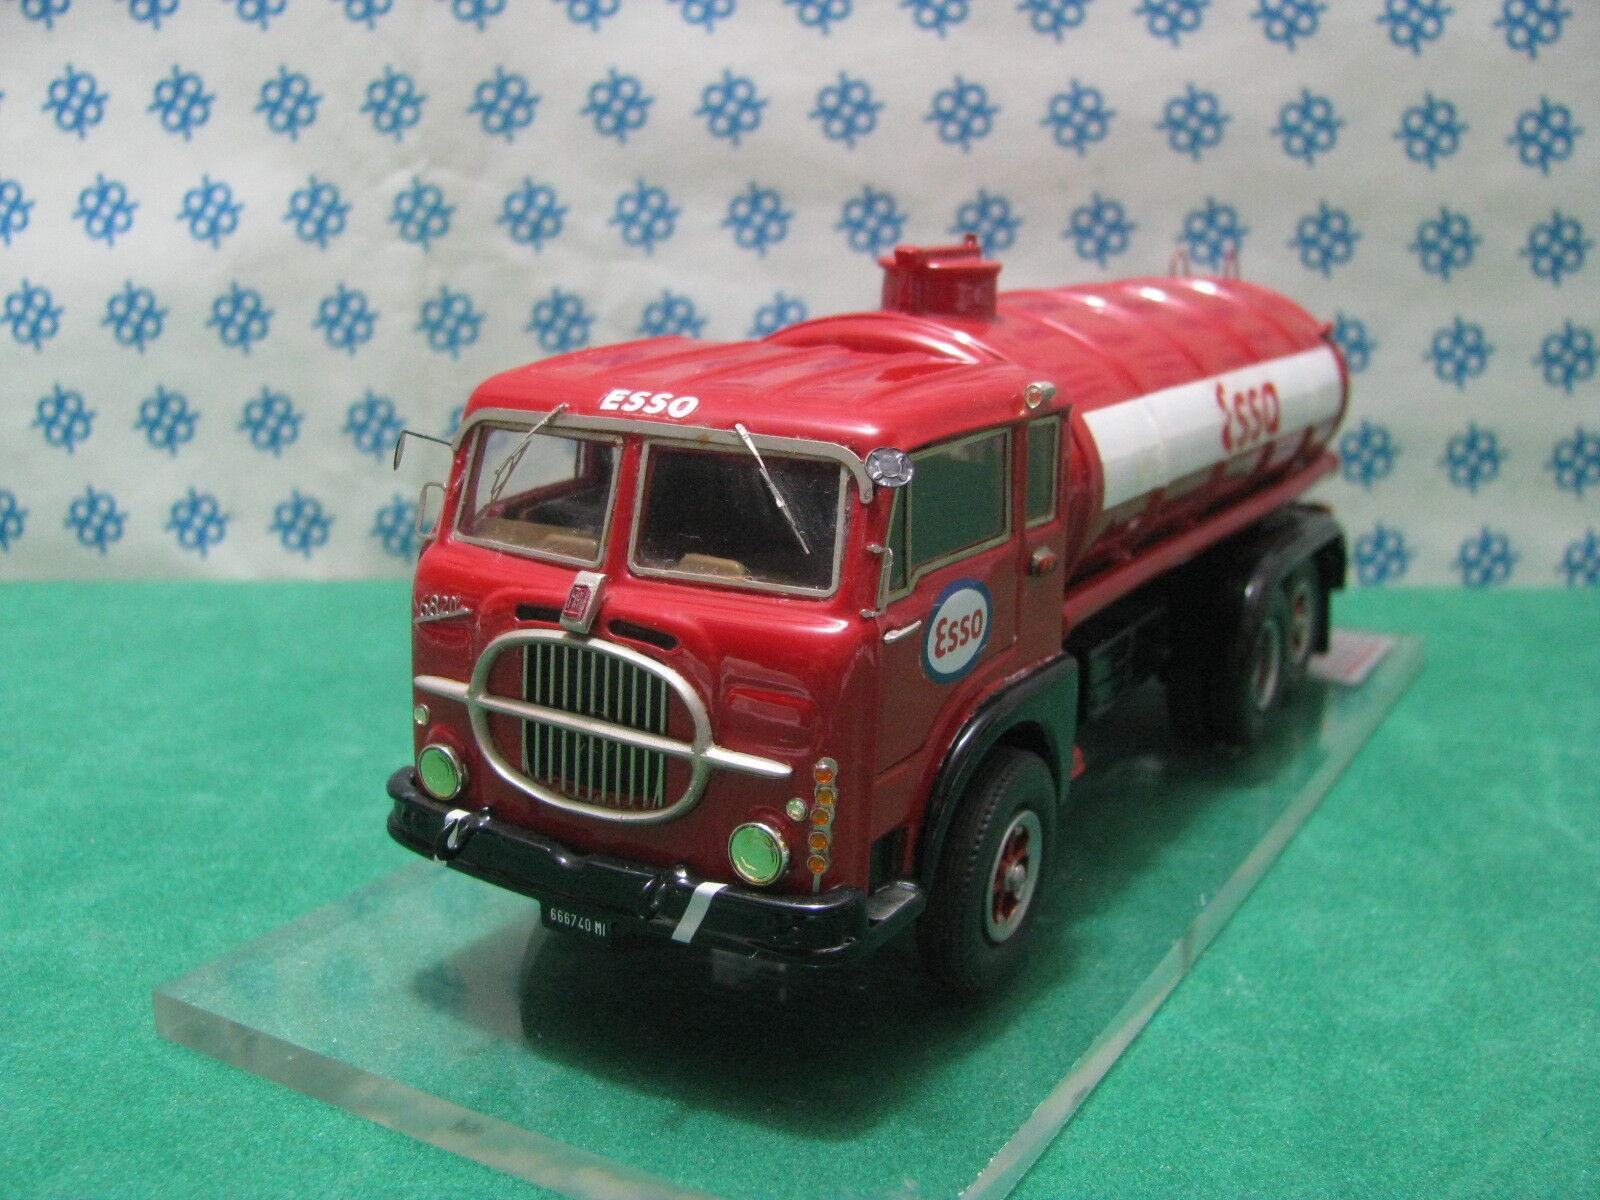 A FIAT 682 N2 Cisterna Cisterna Cisterna ESSO - 1 43 - CB Modelli ( Gila Modelli - Elite Models ) 15f20f